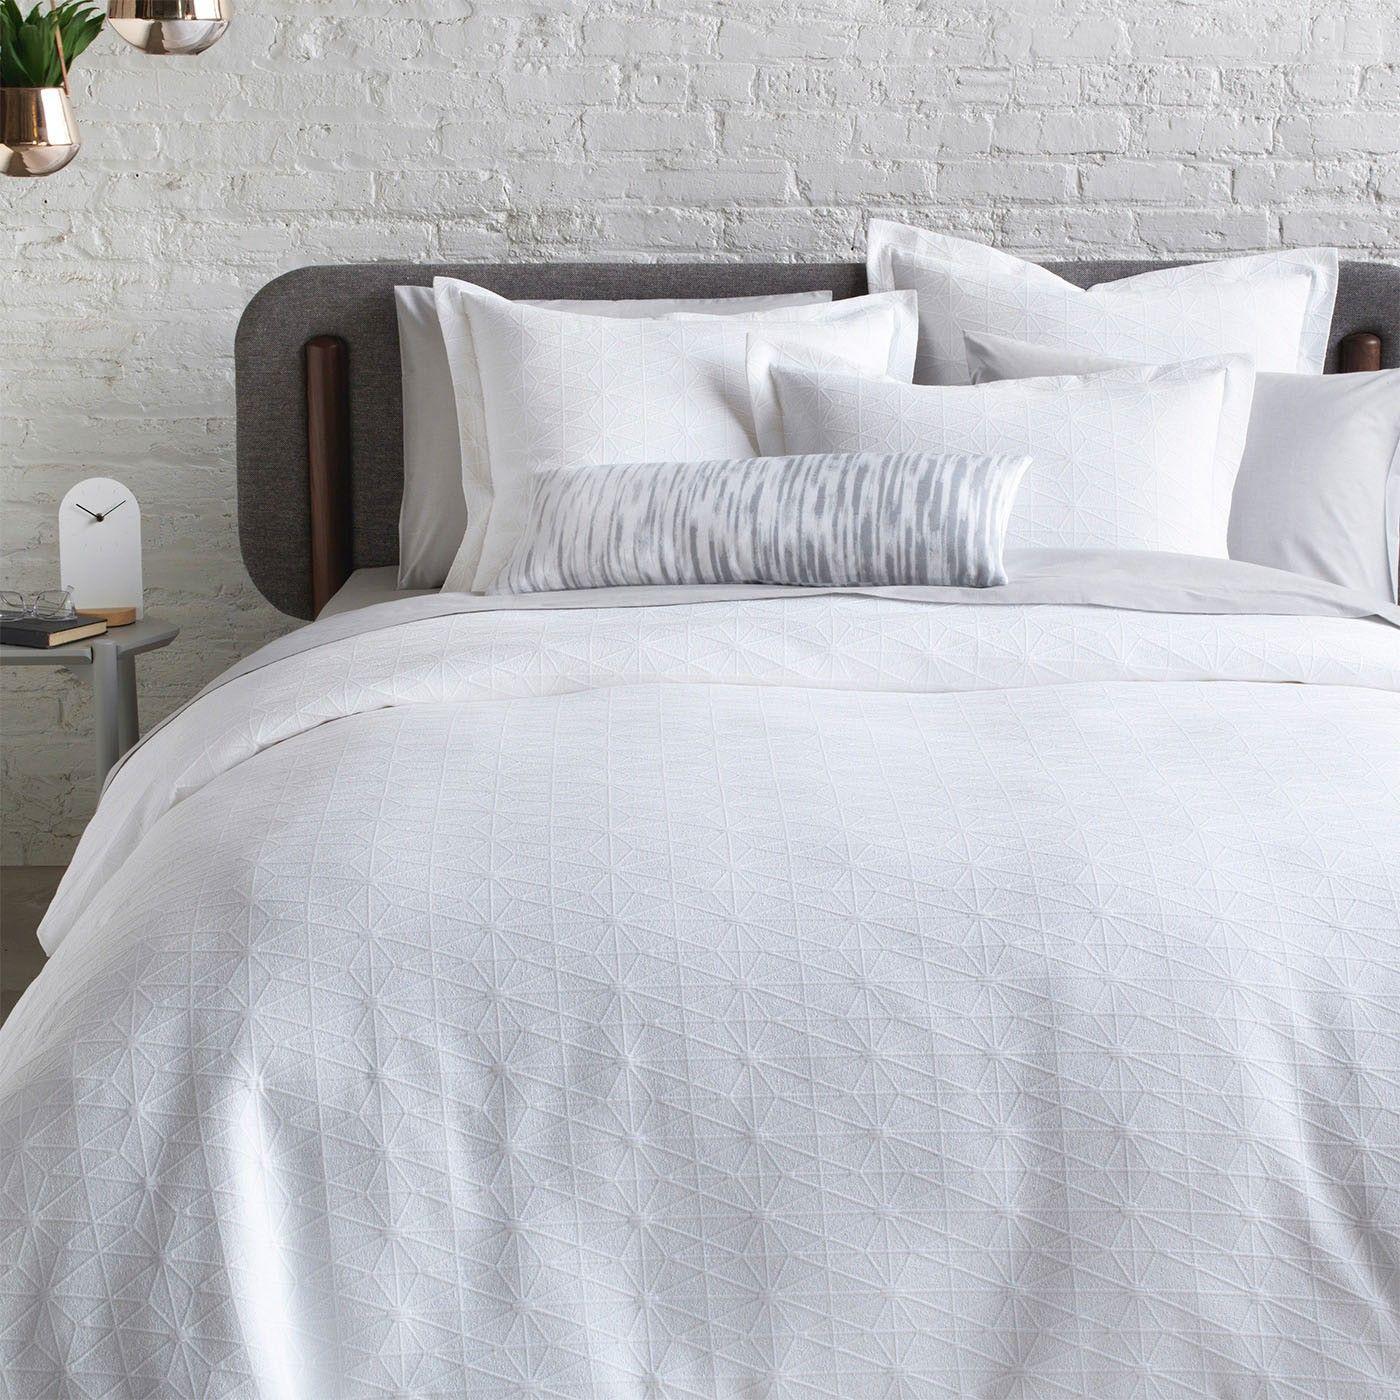 Himmeli White Matelasse Duvet Cover Duvet Covers Bedding